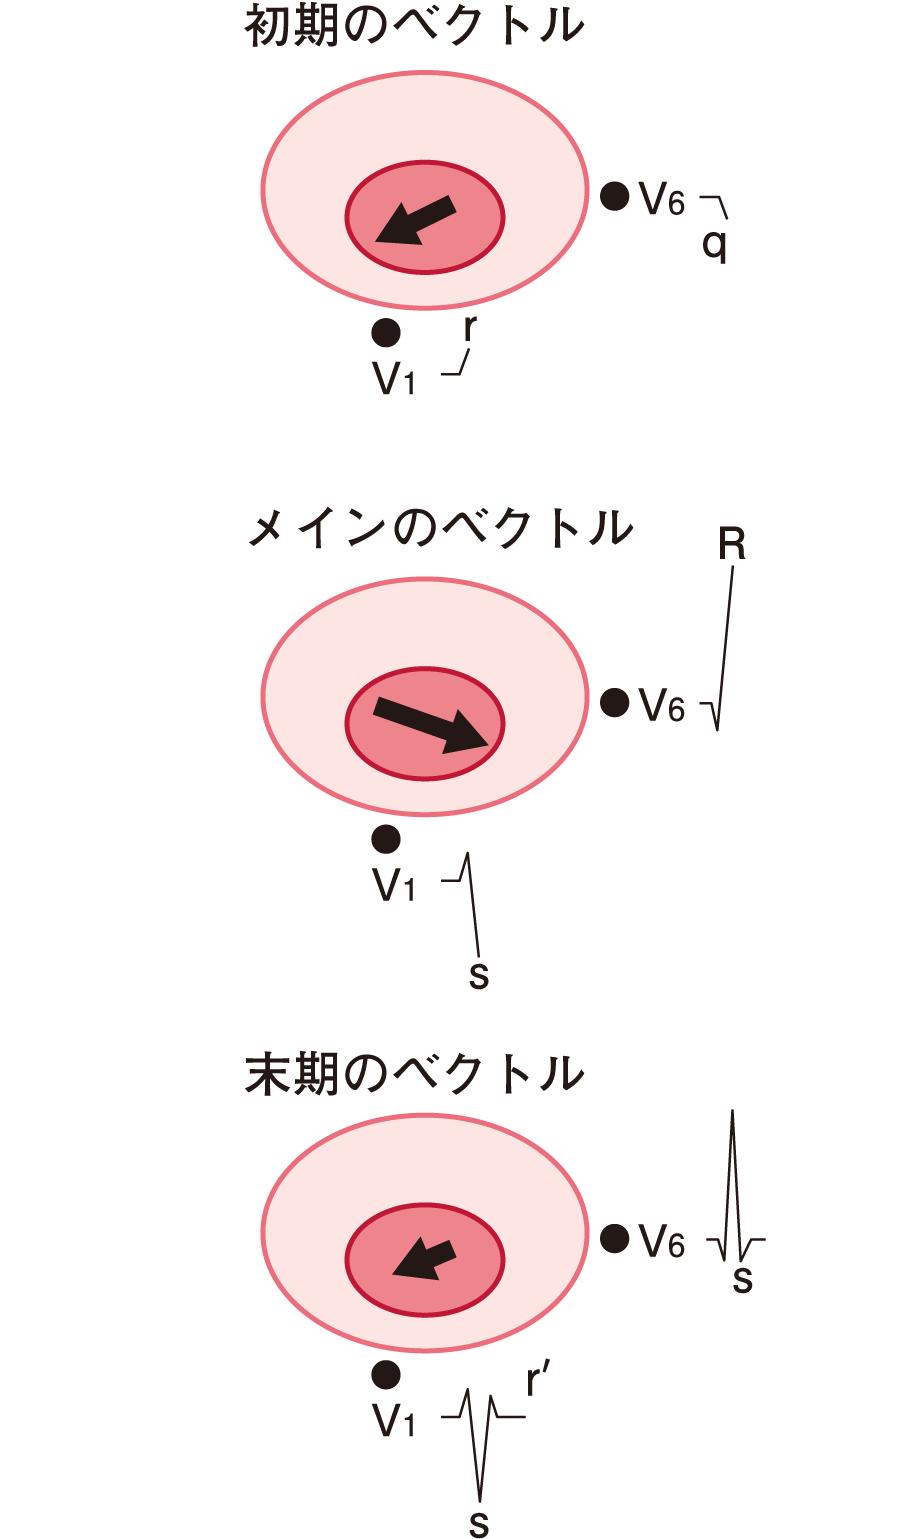 胸部誘導でのQRS波のベクトル